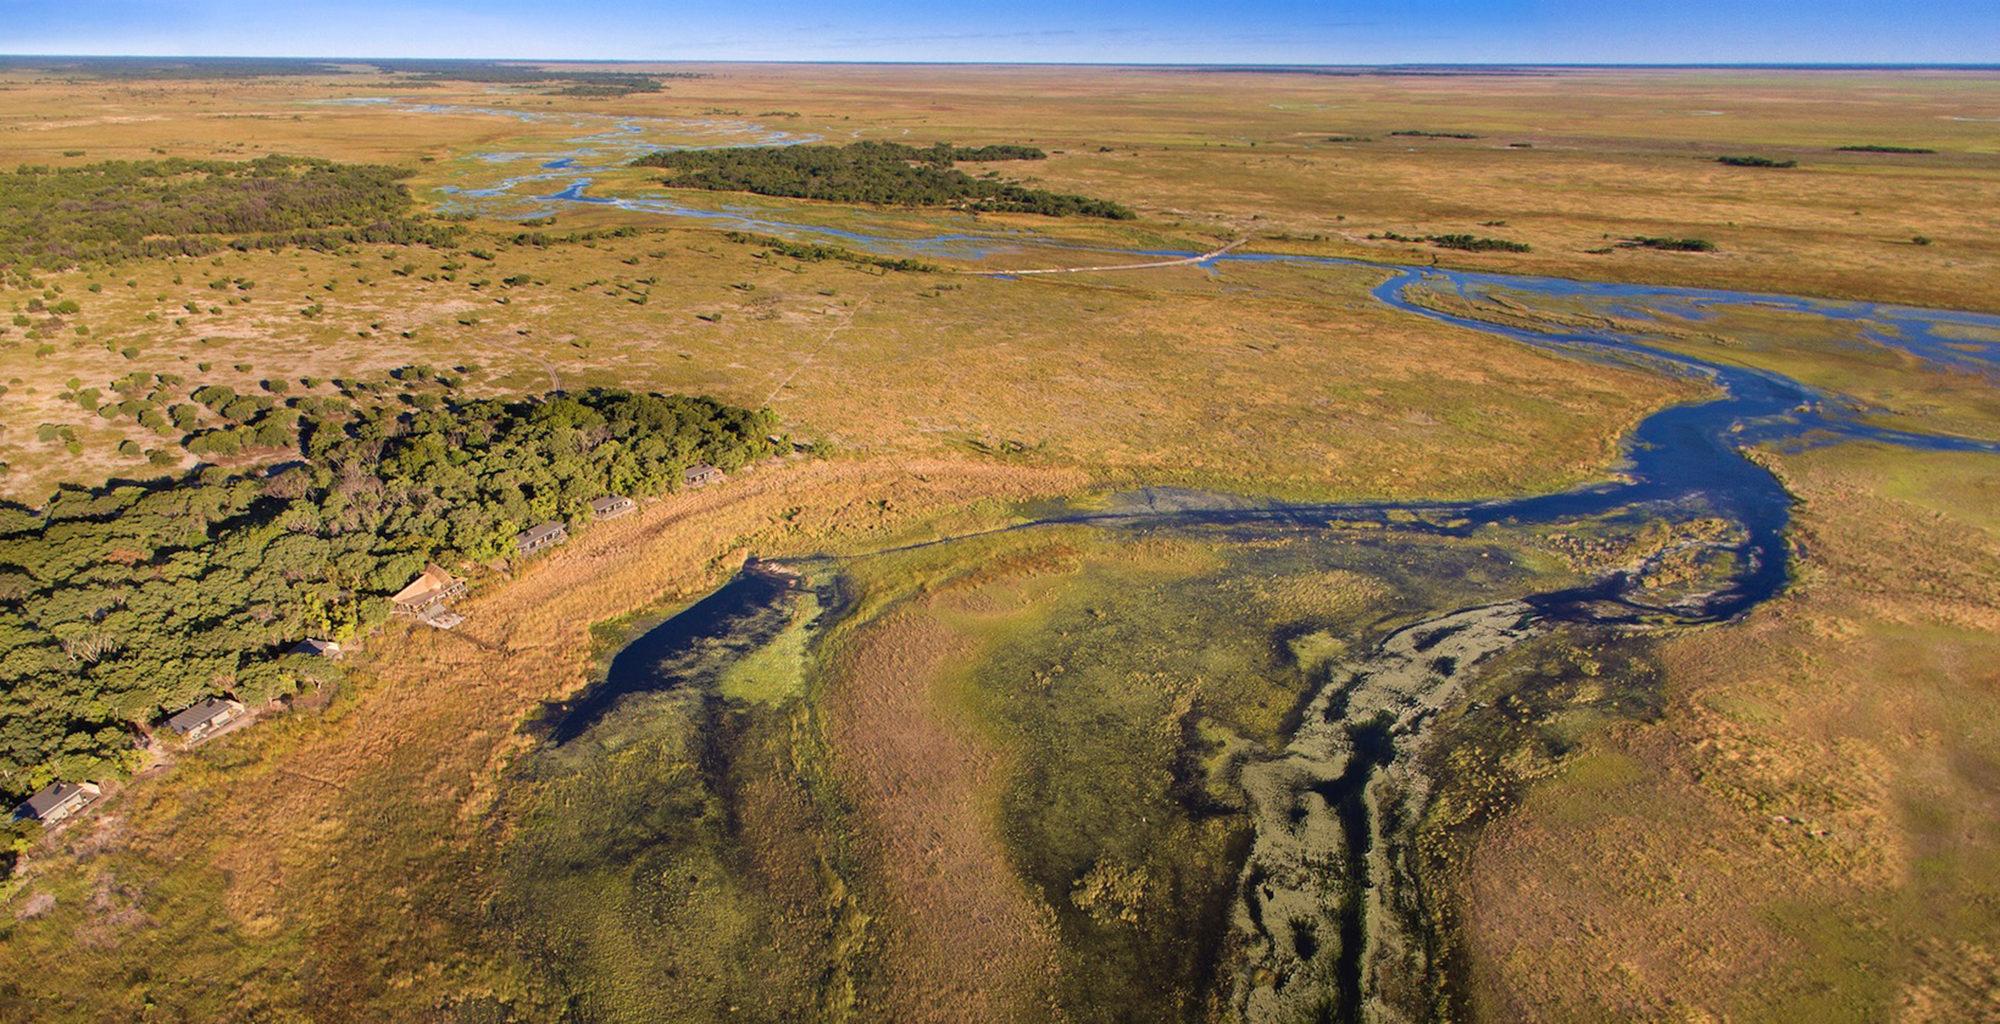 Zambia-Liuwa-Plain-Landscape